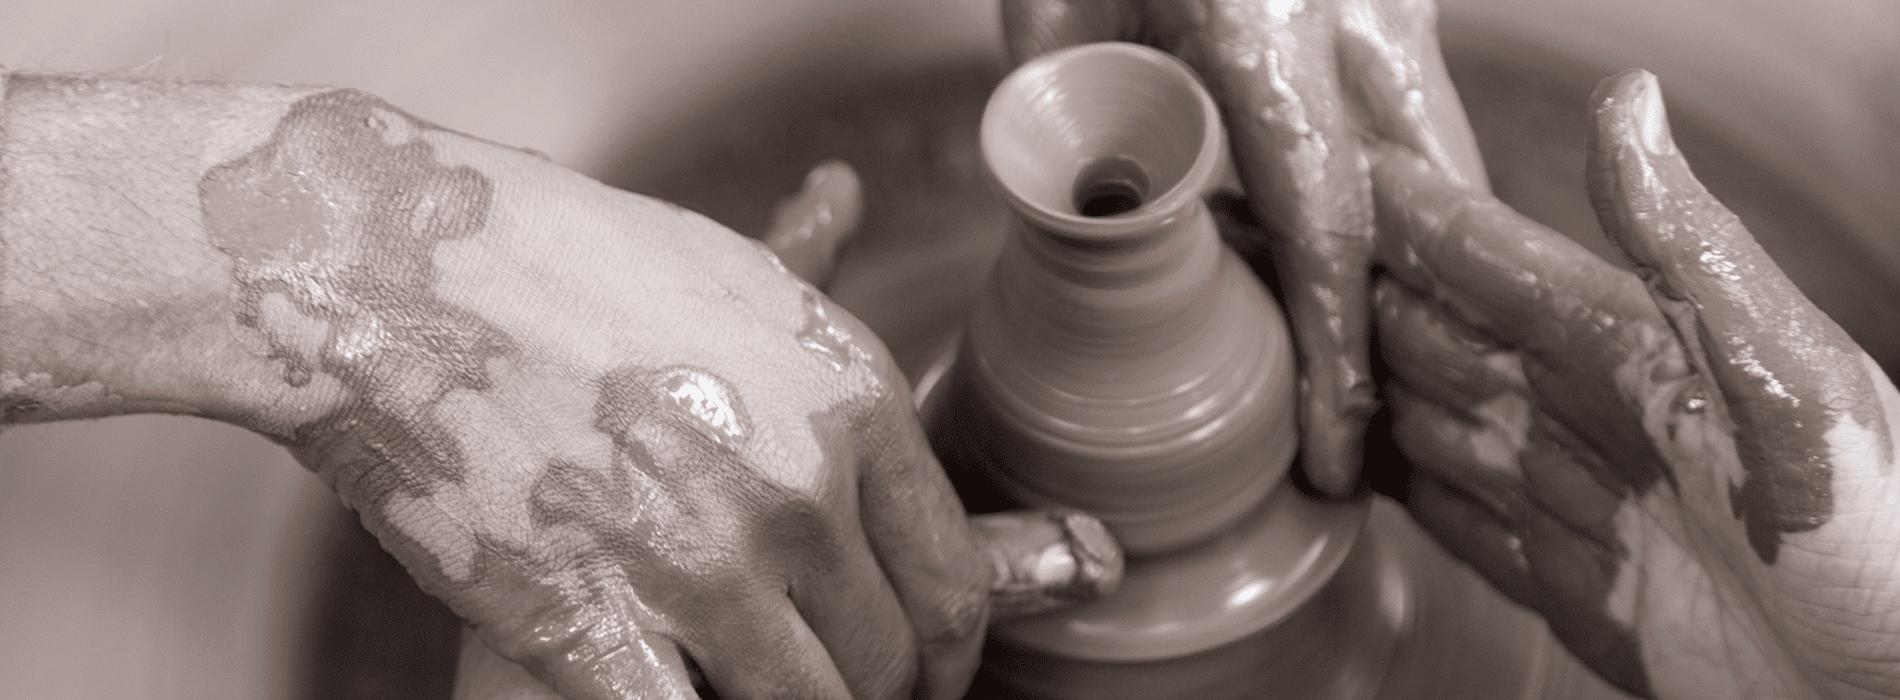 Serveis ceràmica Taller obert verdú